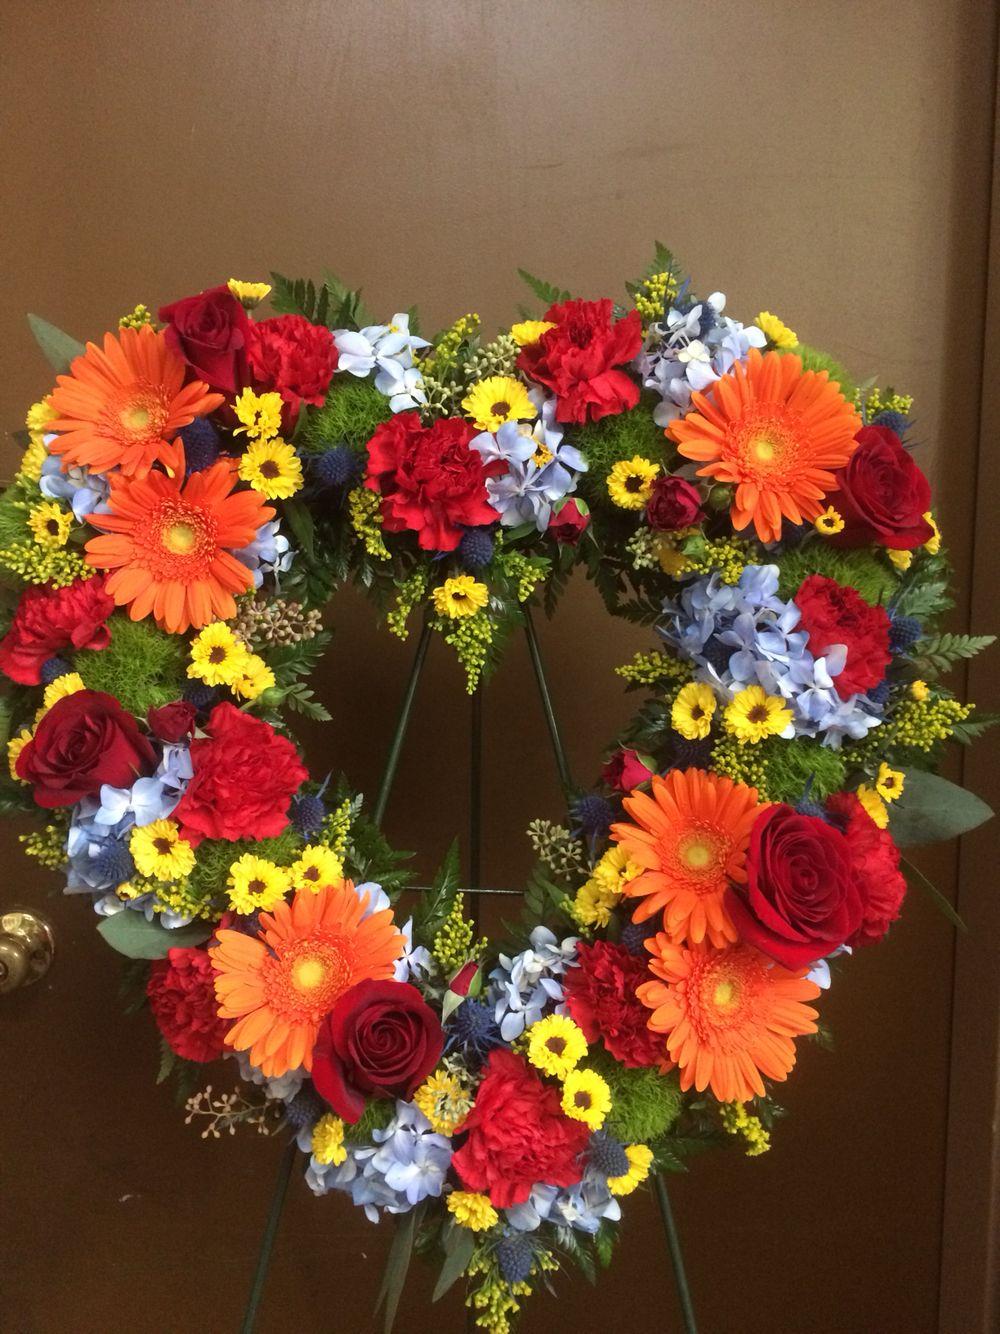 Garden open heart funeral flower arrangement bysamantha miles garden open heart funeral flower arrangement bysamantha miles terris flower shop izmirmasajfo